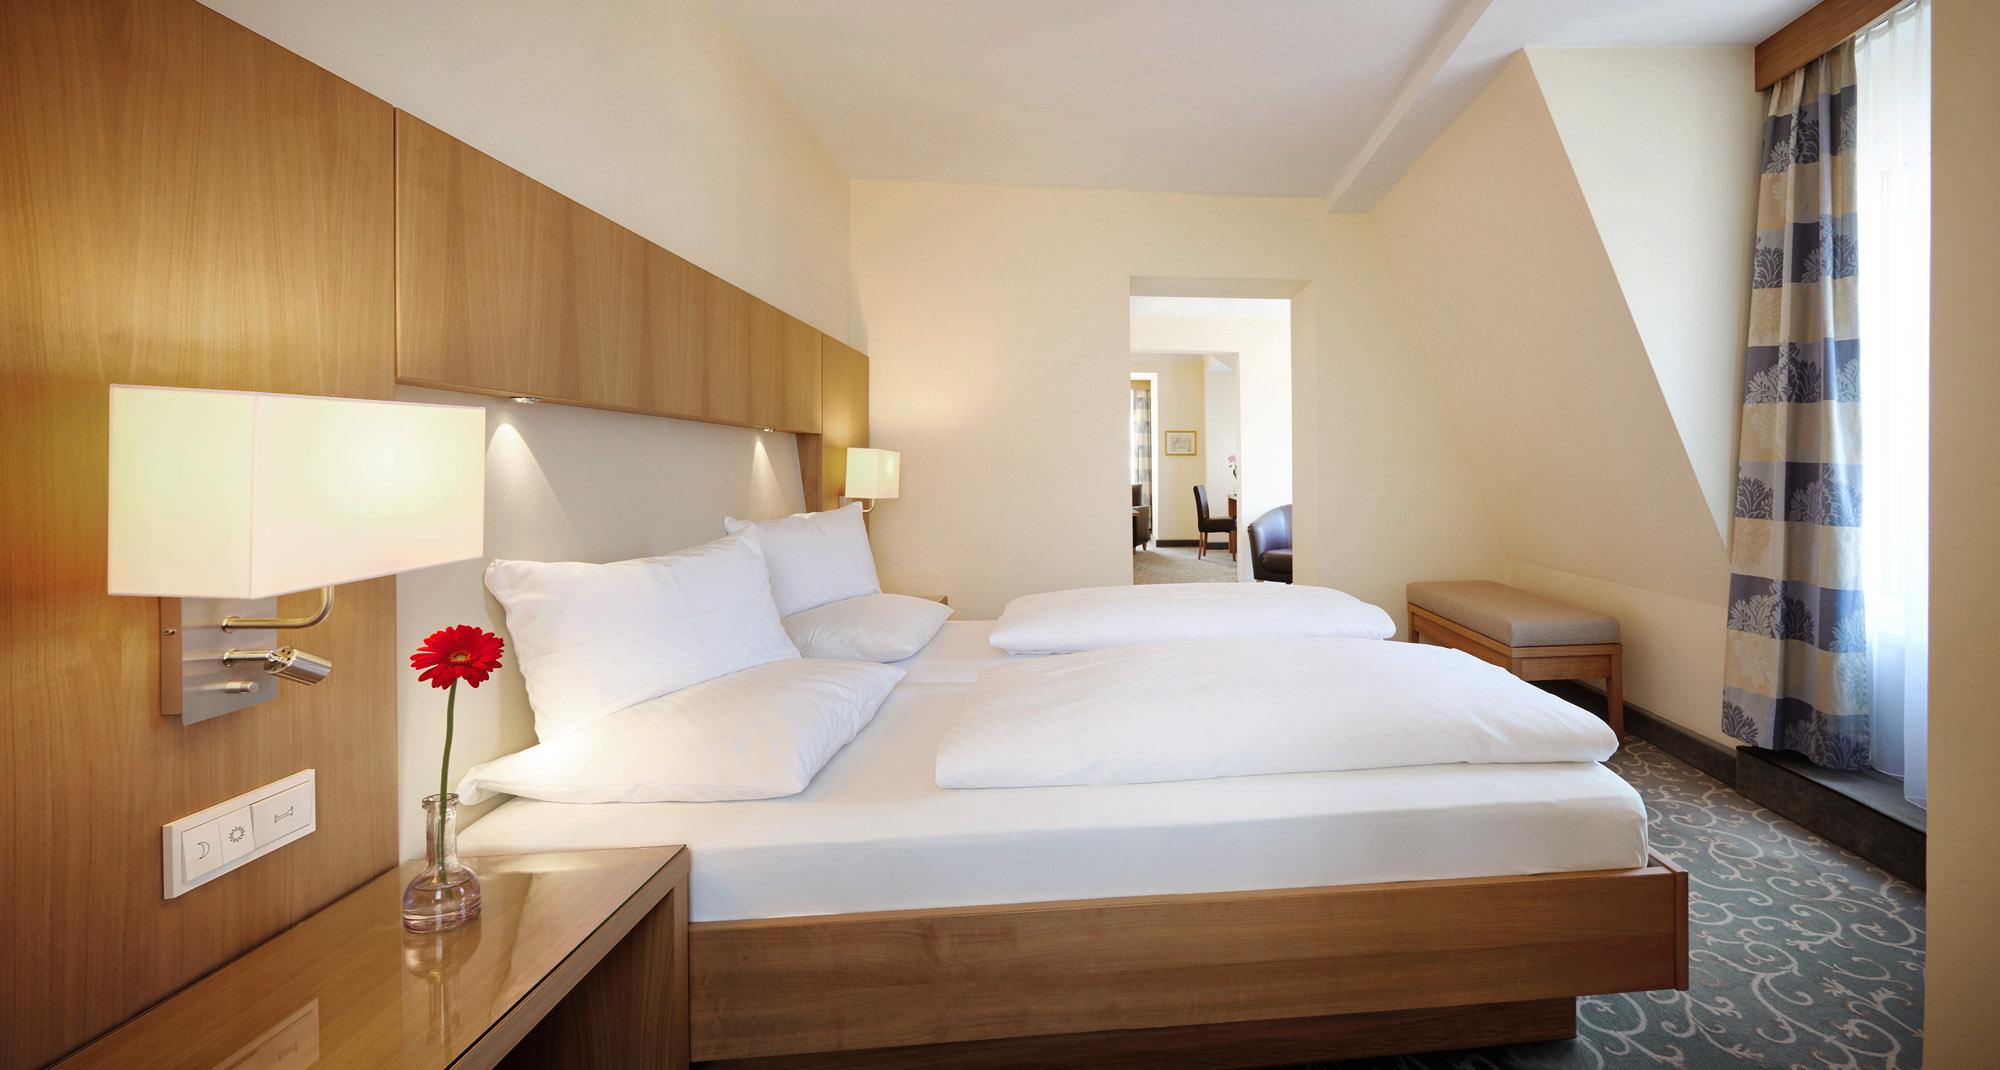 Schlafbereich Suite: 2 Personen ab € 191,50 pro Nacht inklusive Frühstück